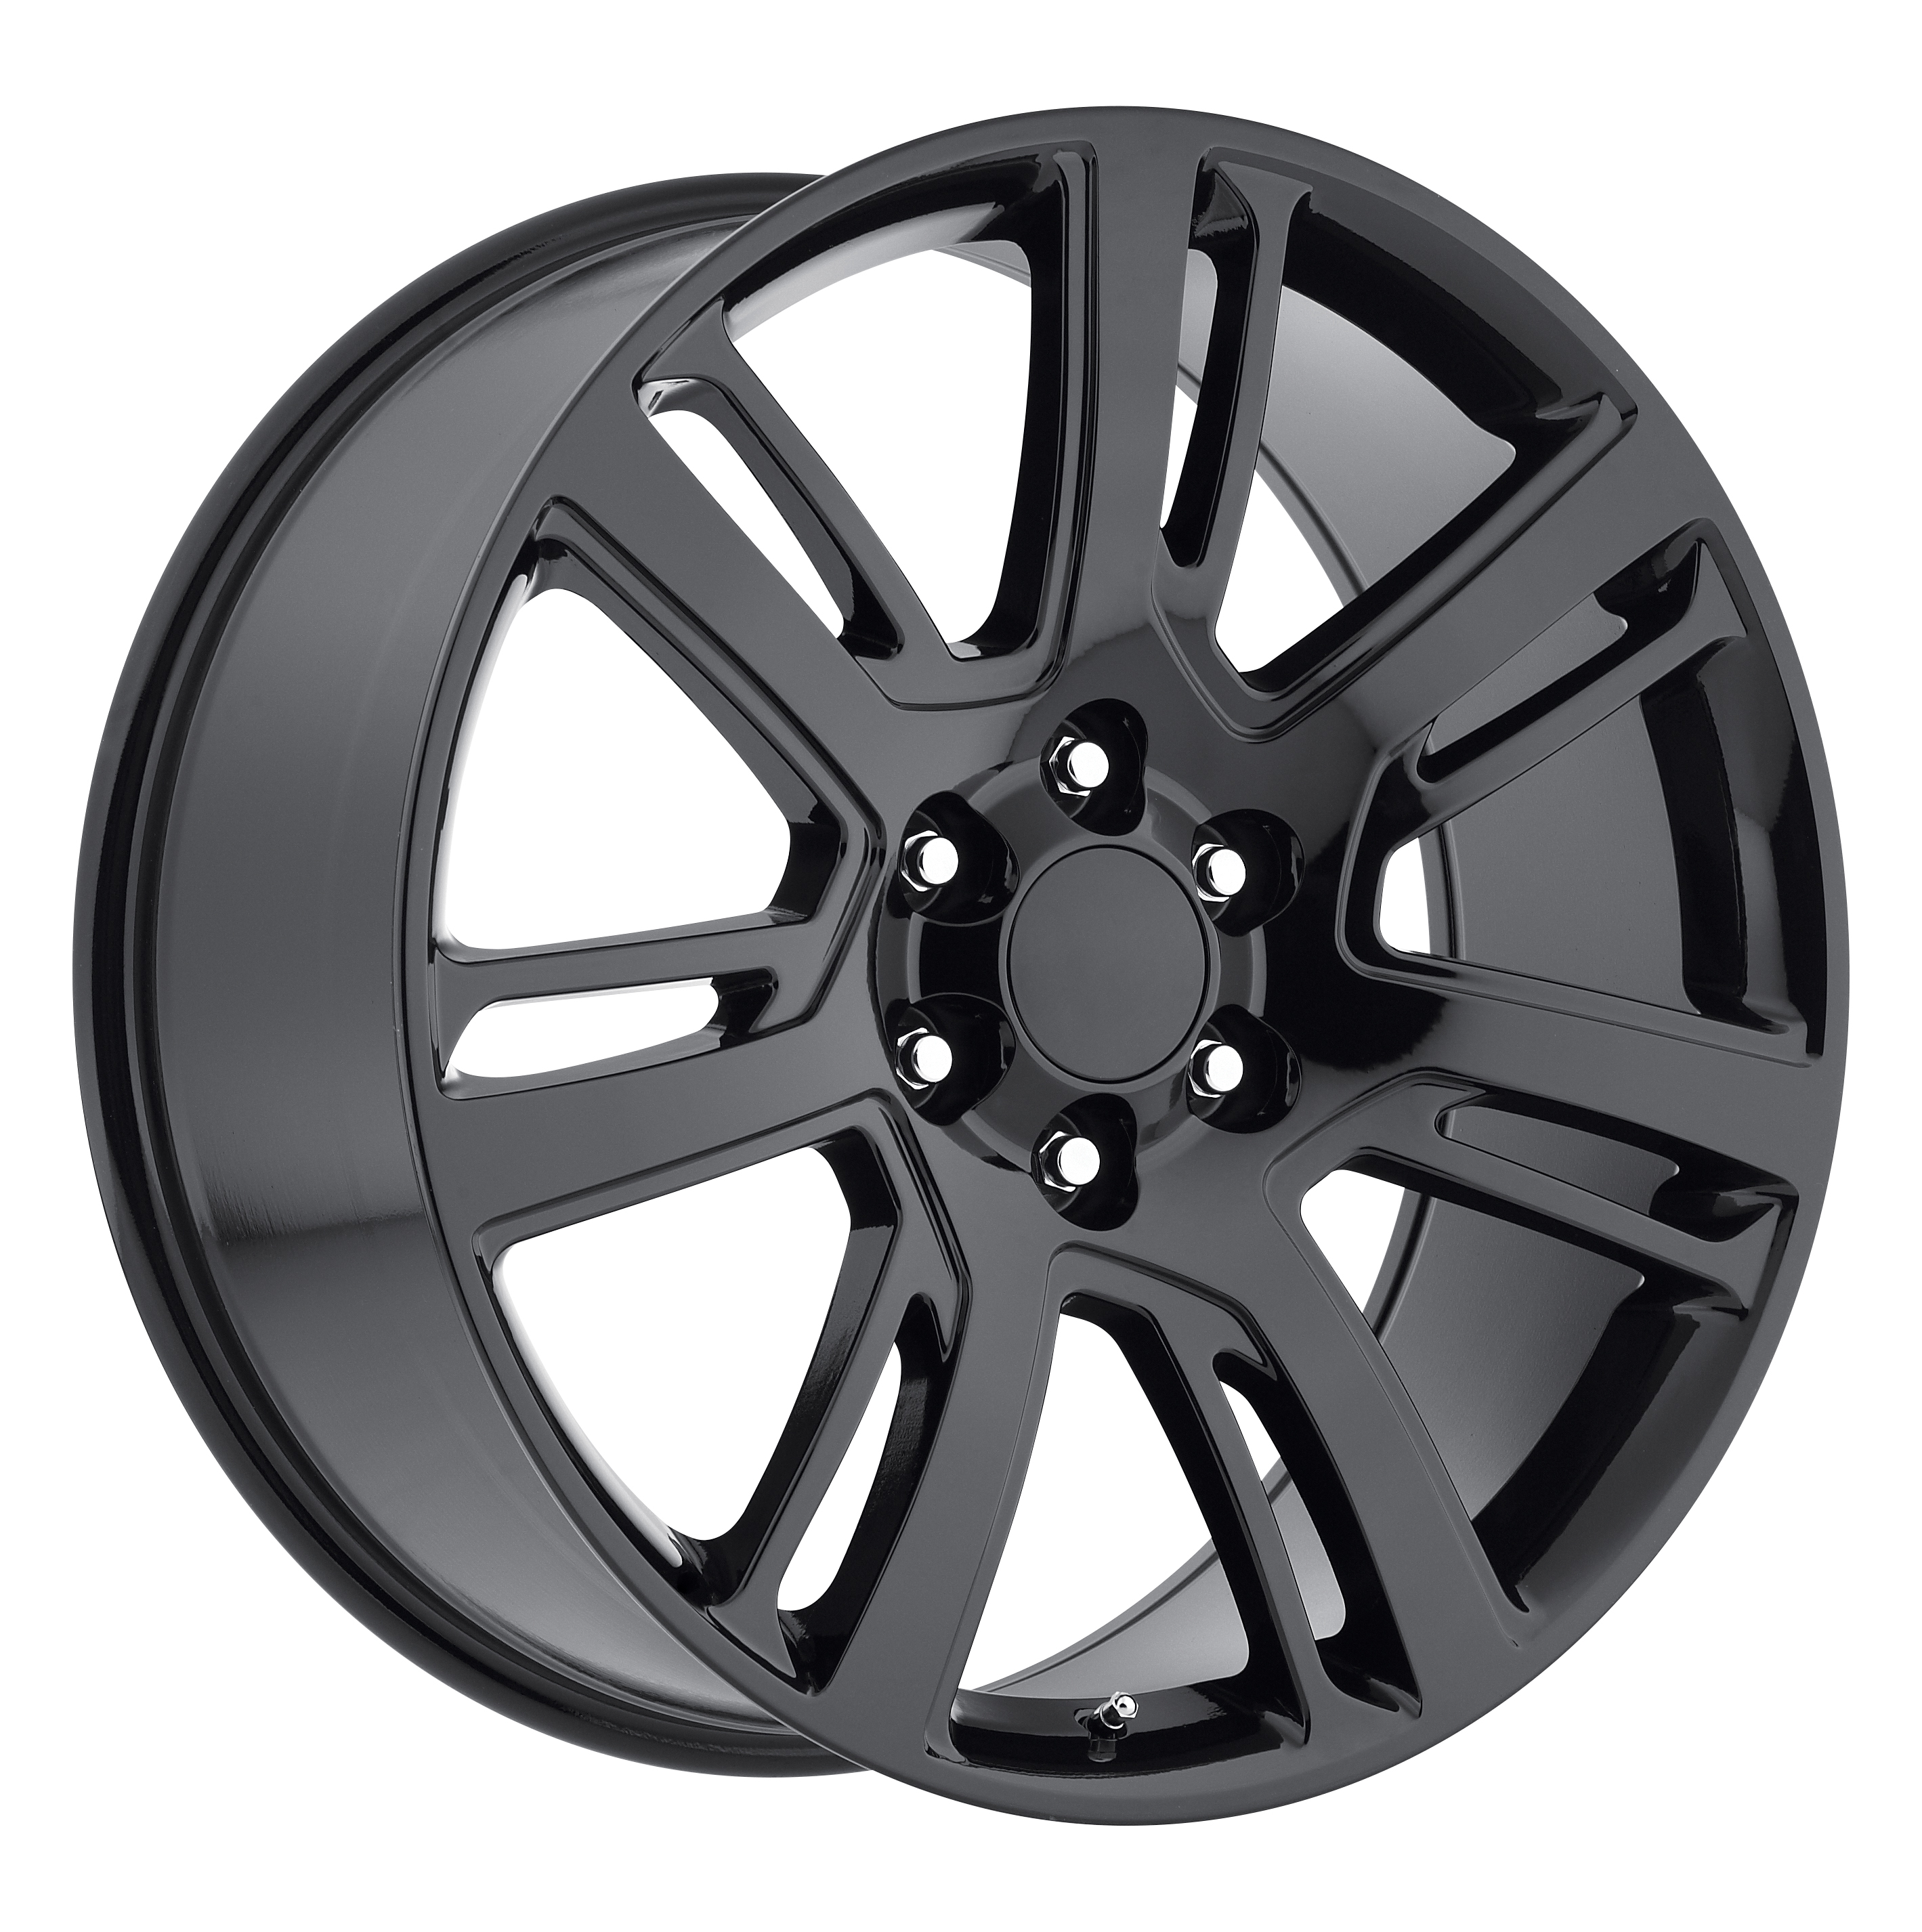 2015 Cadillac Escalade Gloss Black Replicas